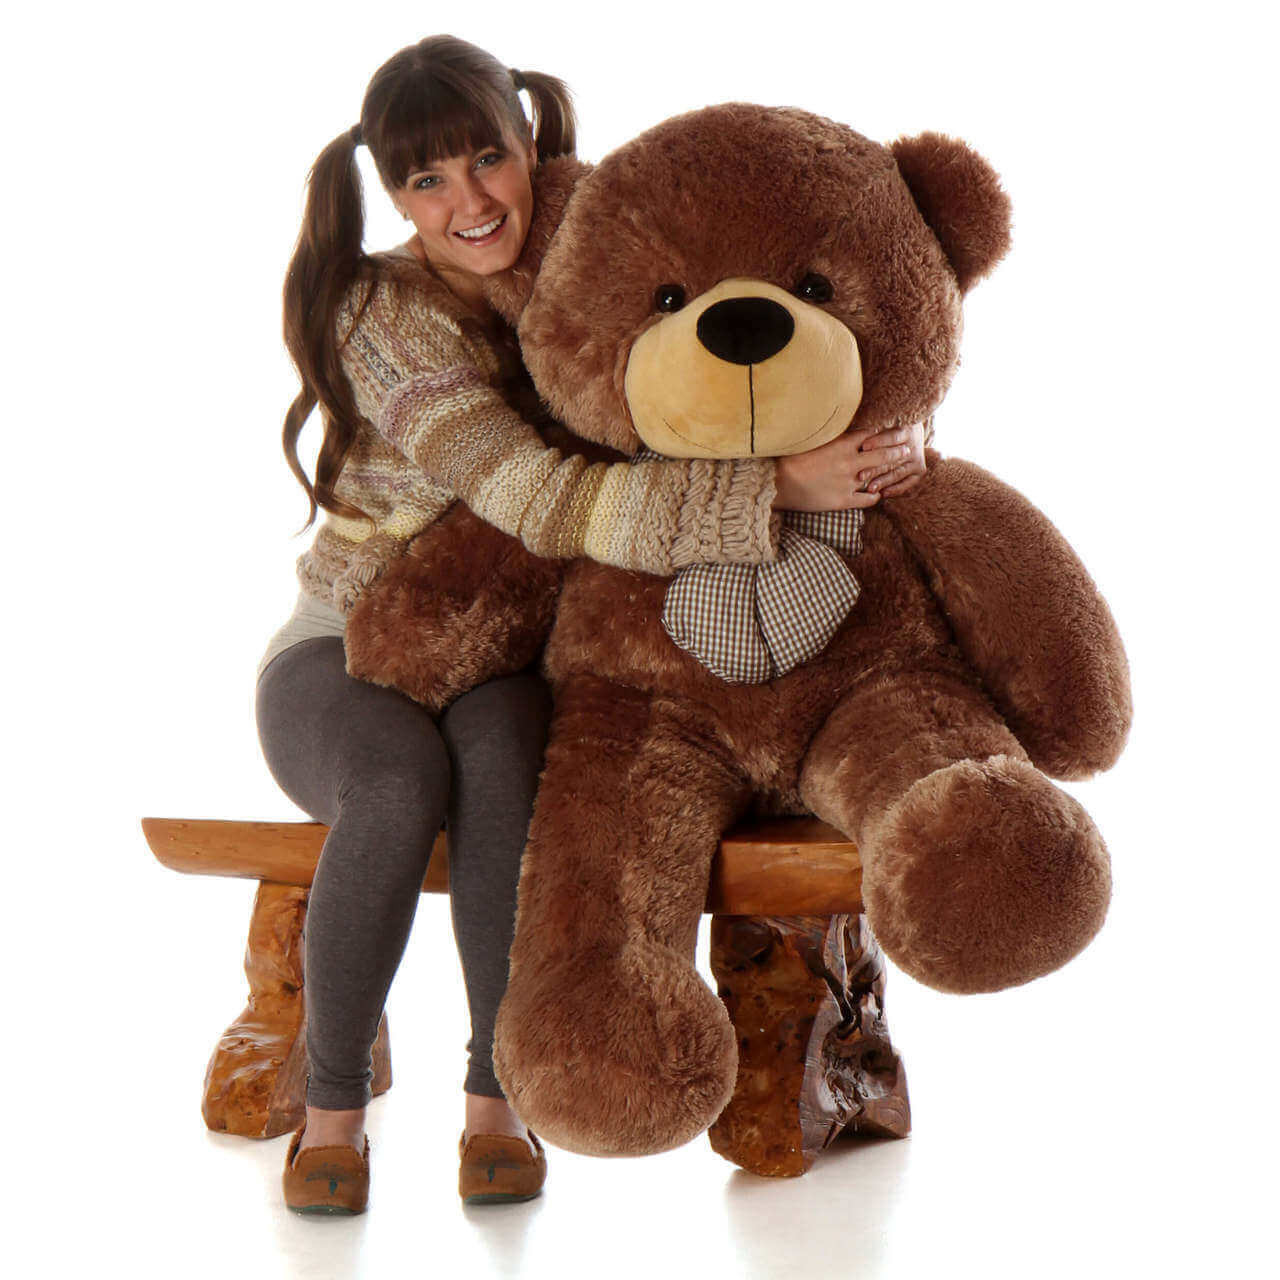 Sunny Cuddles mocha brown teddy bear 46in